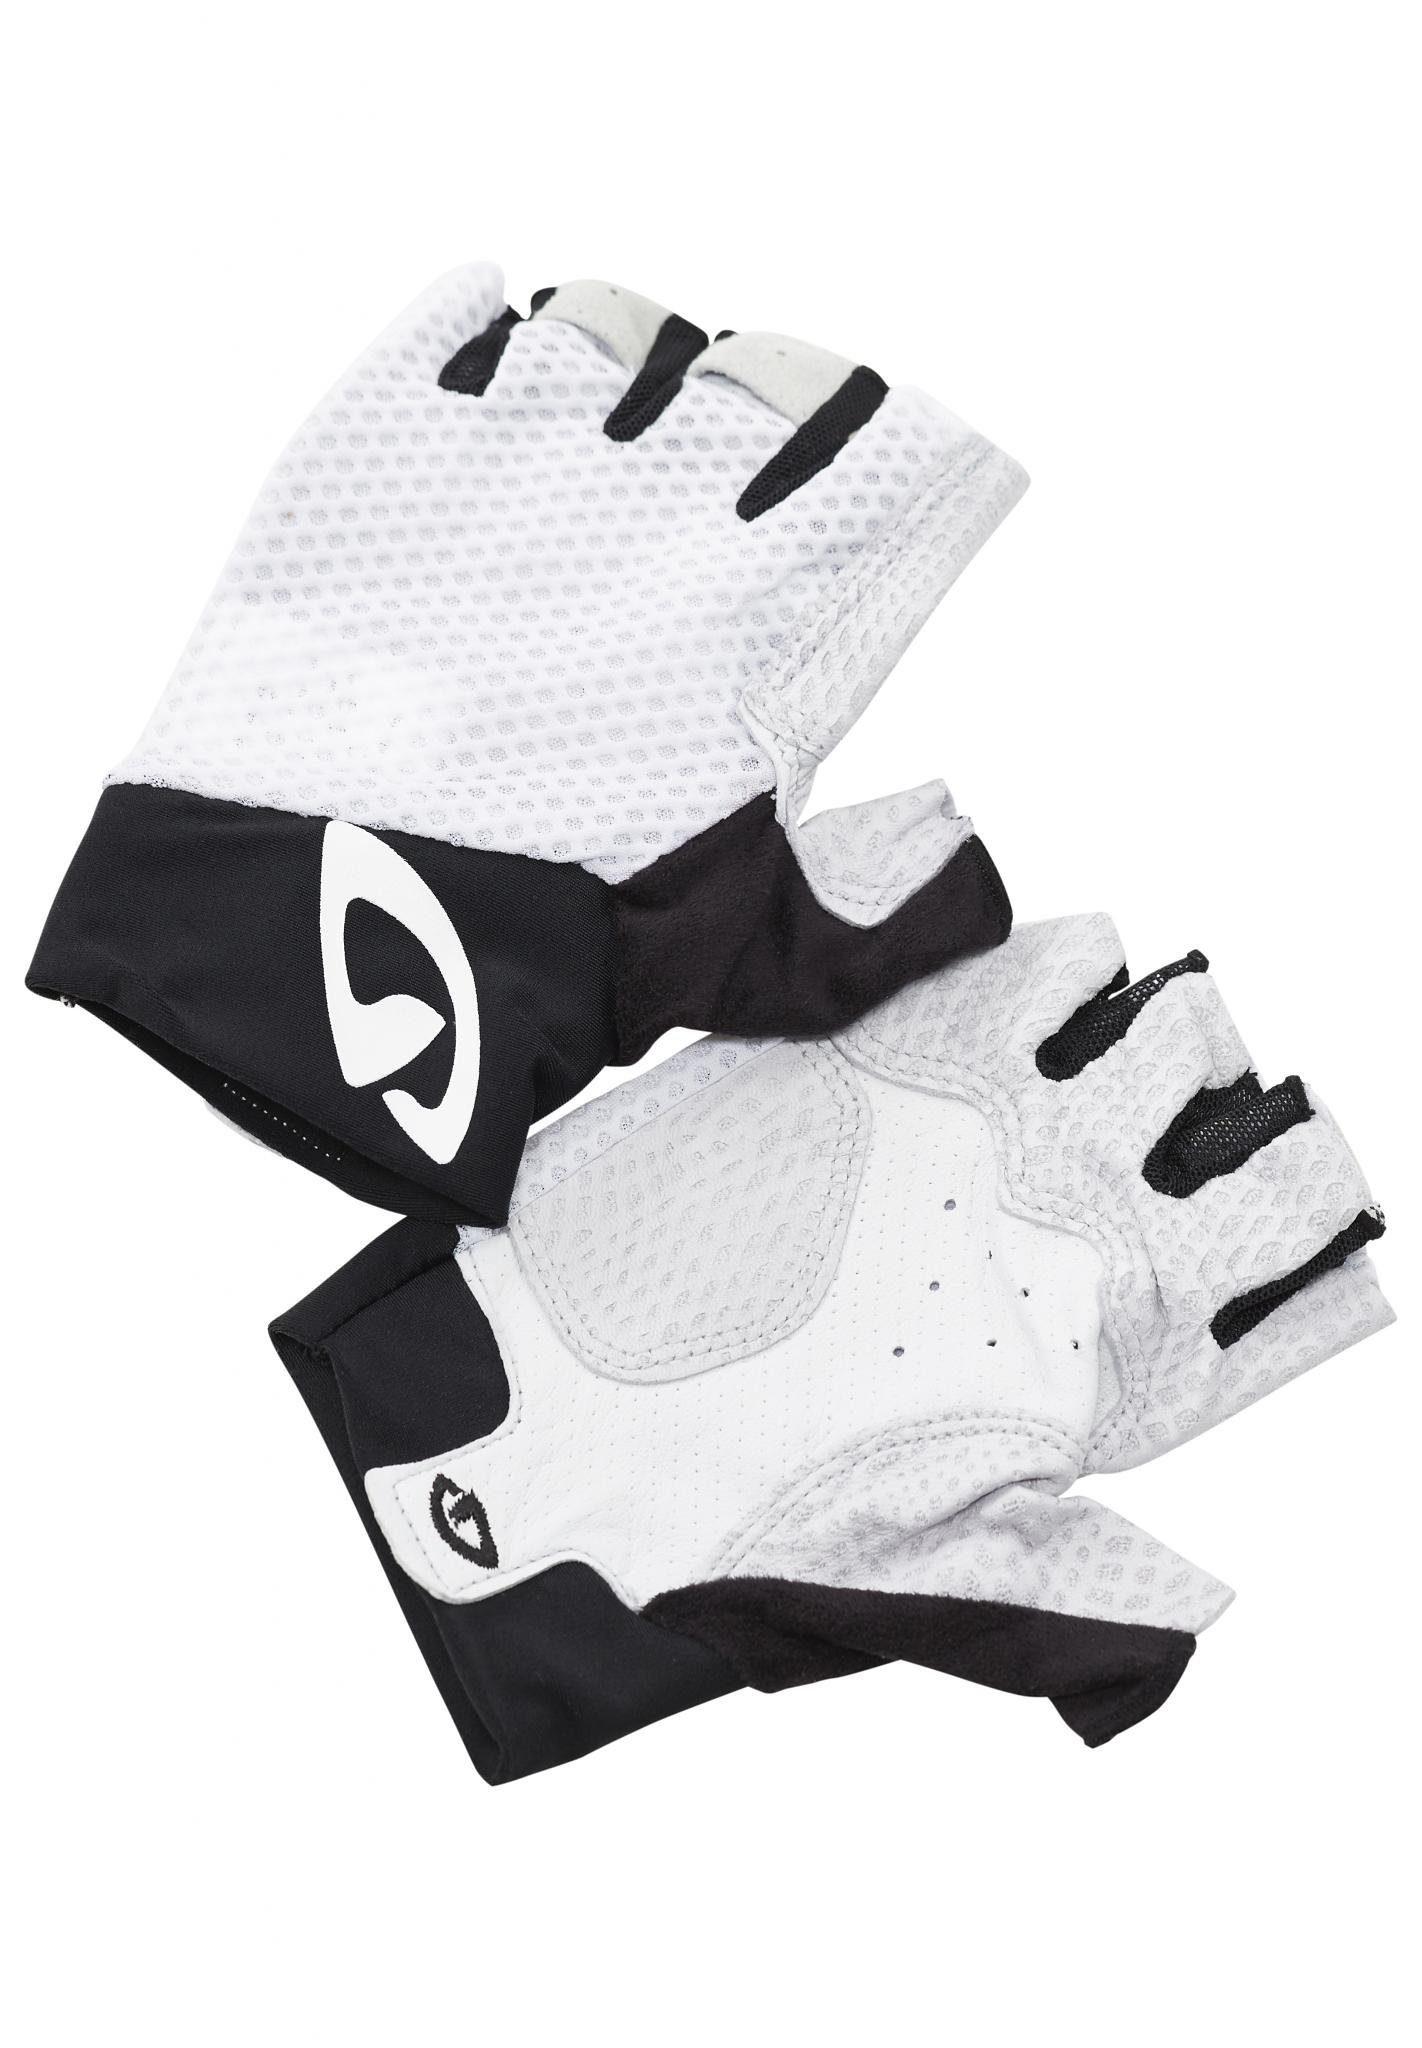 Giro Fahrrad Handschuhe »Zero II«